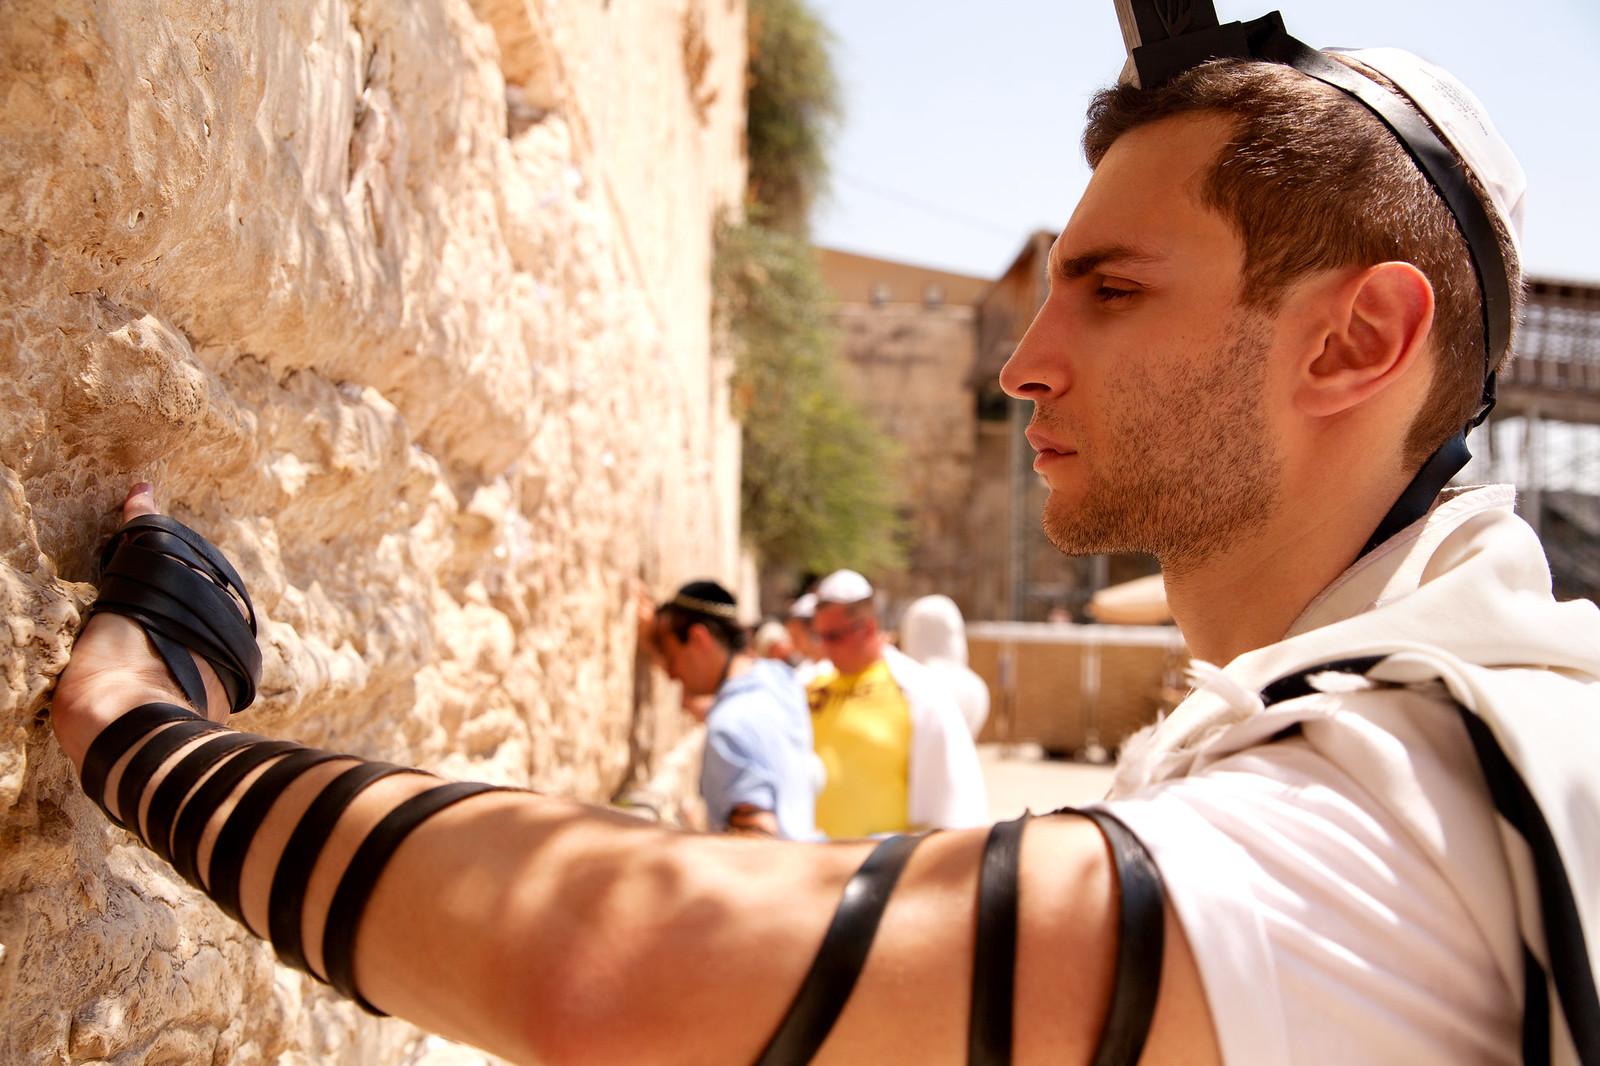 Jersusalem_Western Wall_Tefillin_6_Noam Chen_IMOT